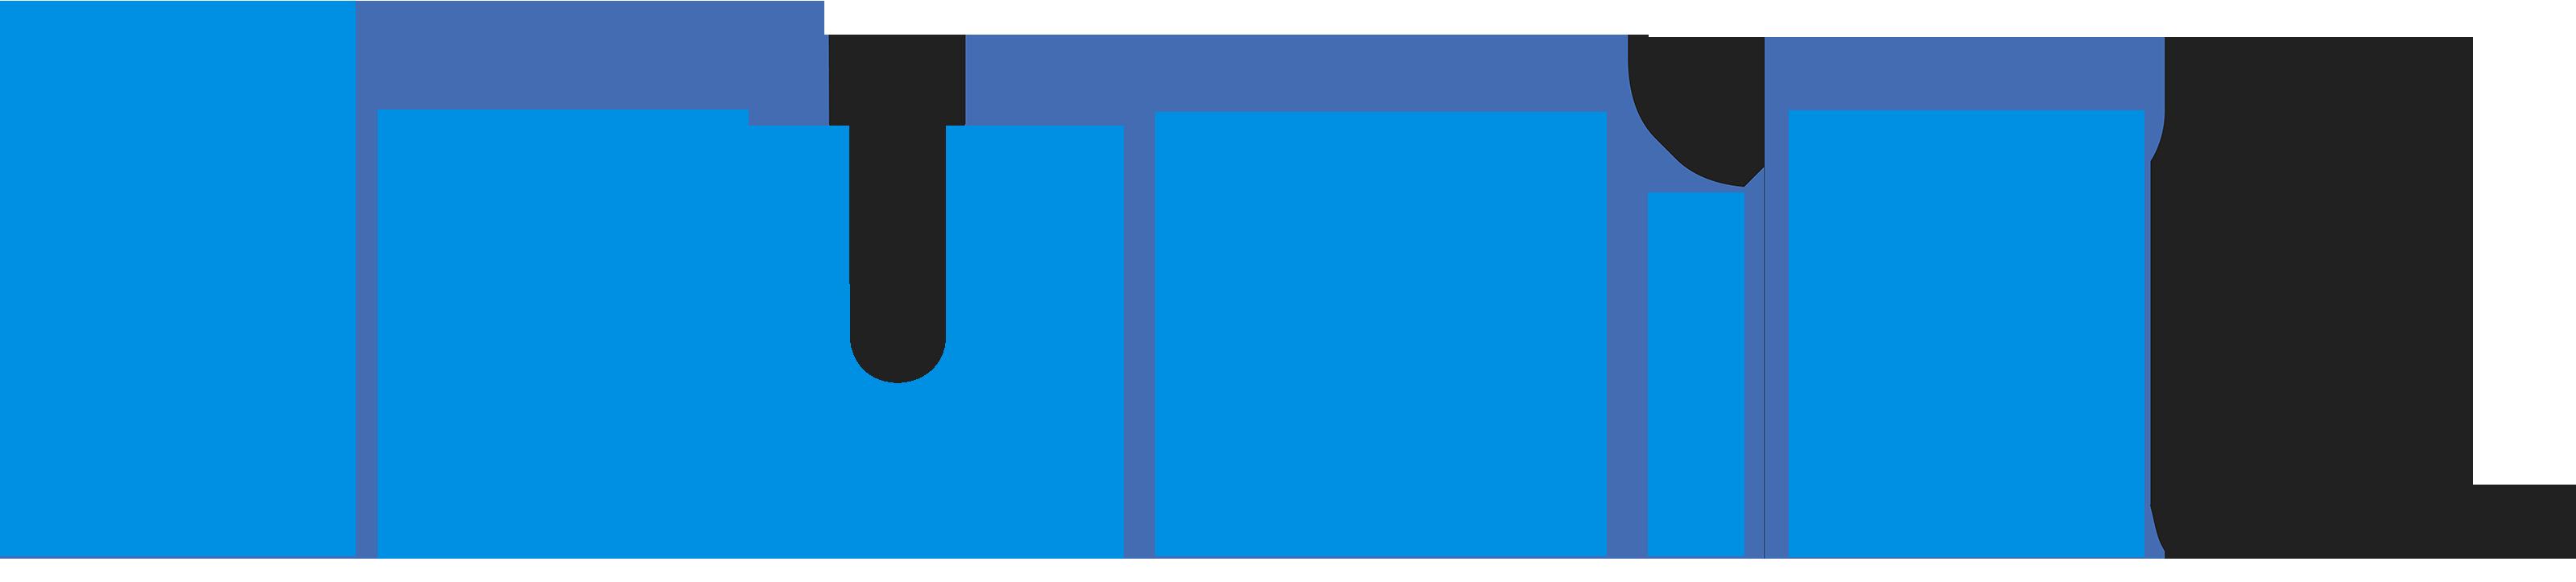 Tronic.nl uw computer en electronica specialist